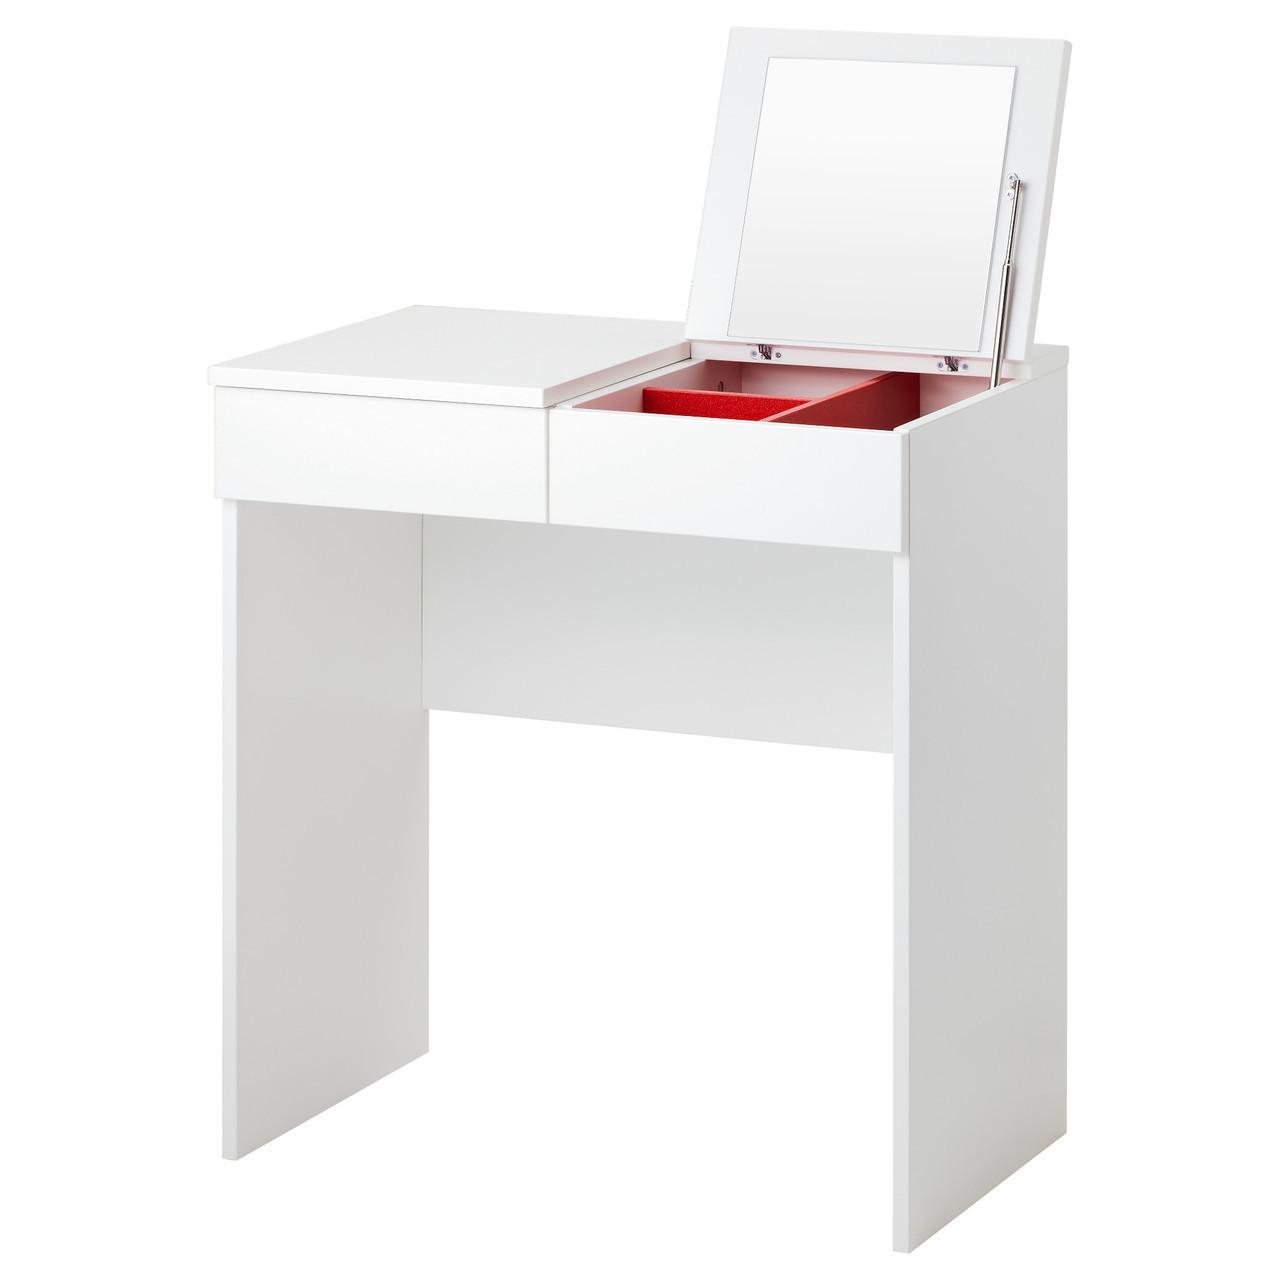 Туалетный столик икеа BRIMNES, белый, IKEA, 702.904.59